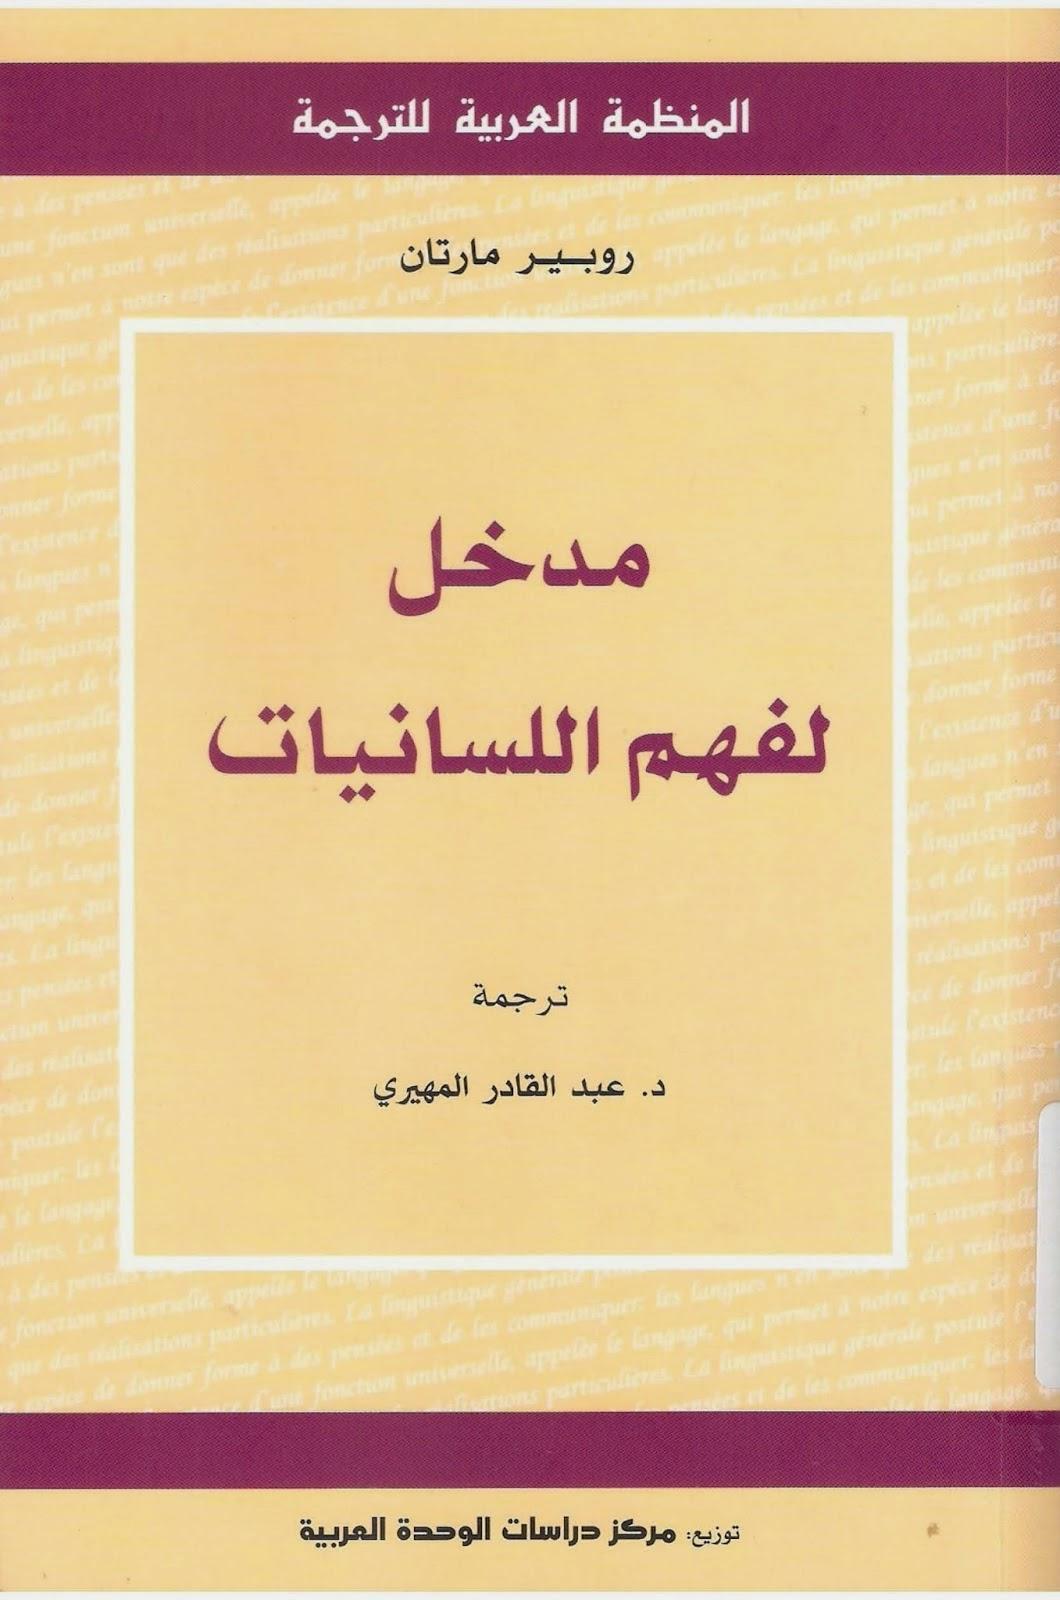 كتاب مدخل لفهم اللسانيات لـ روبير مارتان